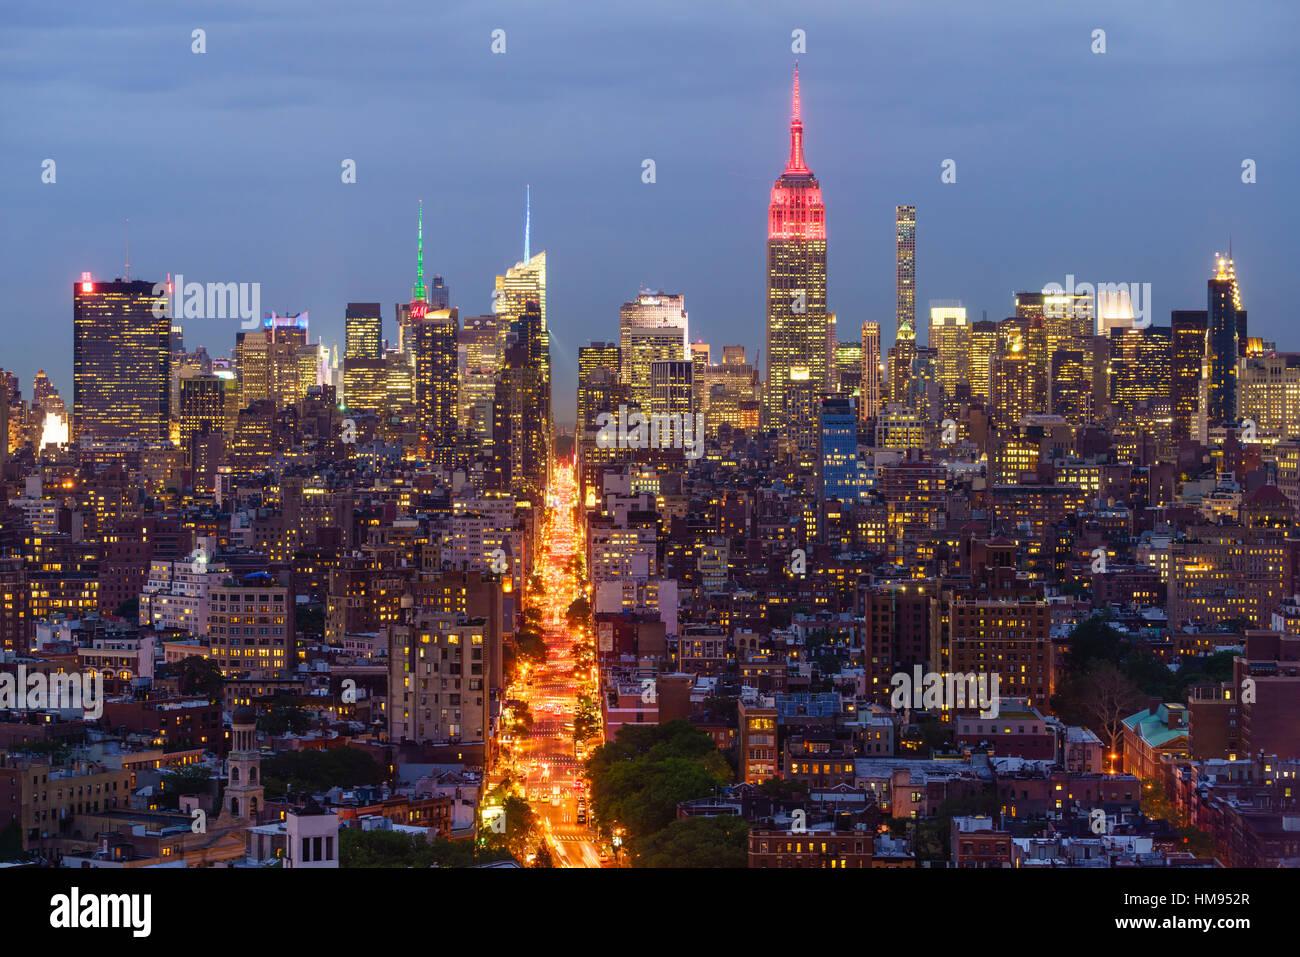 Empire State Building et sur les toits de la ville, Manhattan, New York City, États-Unis d'Amérique, Amérique du Nord Banque D'Images